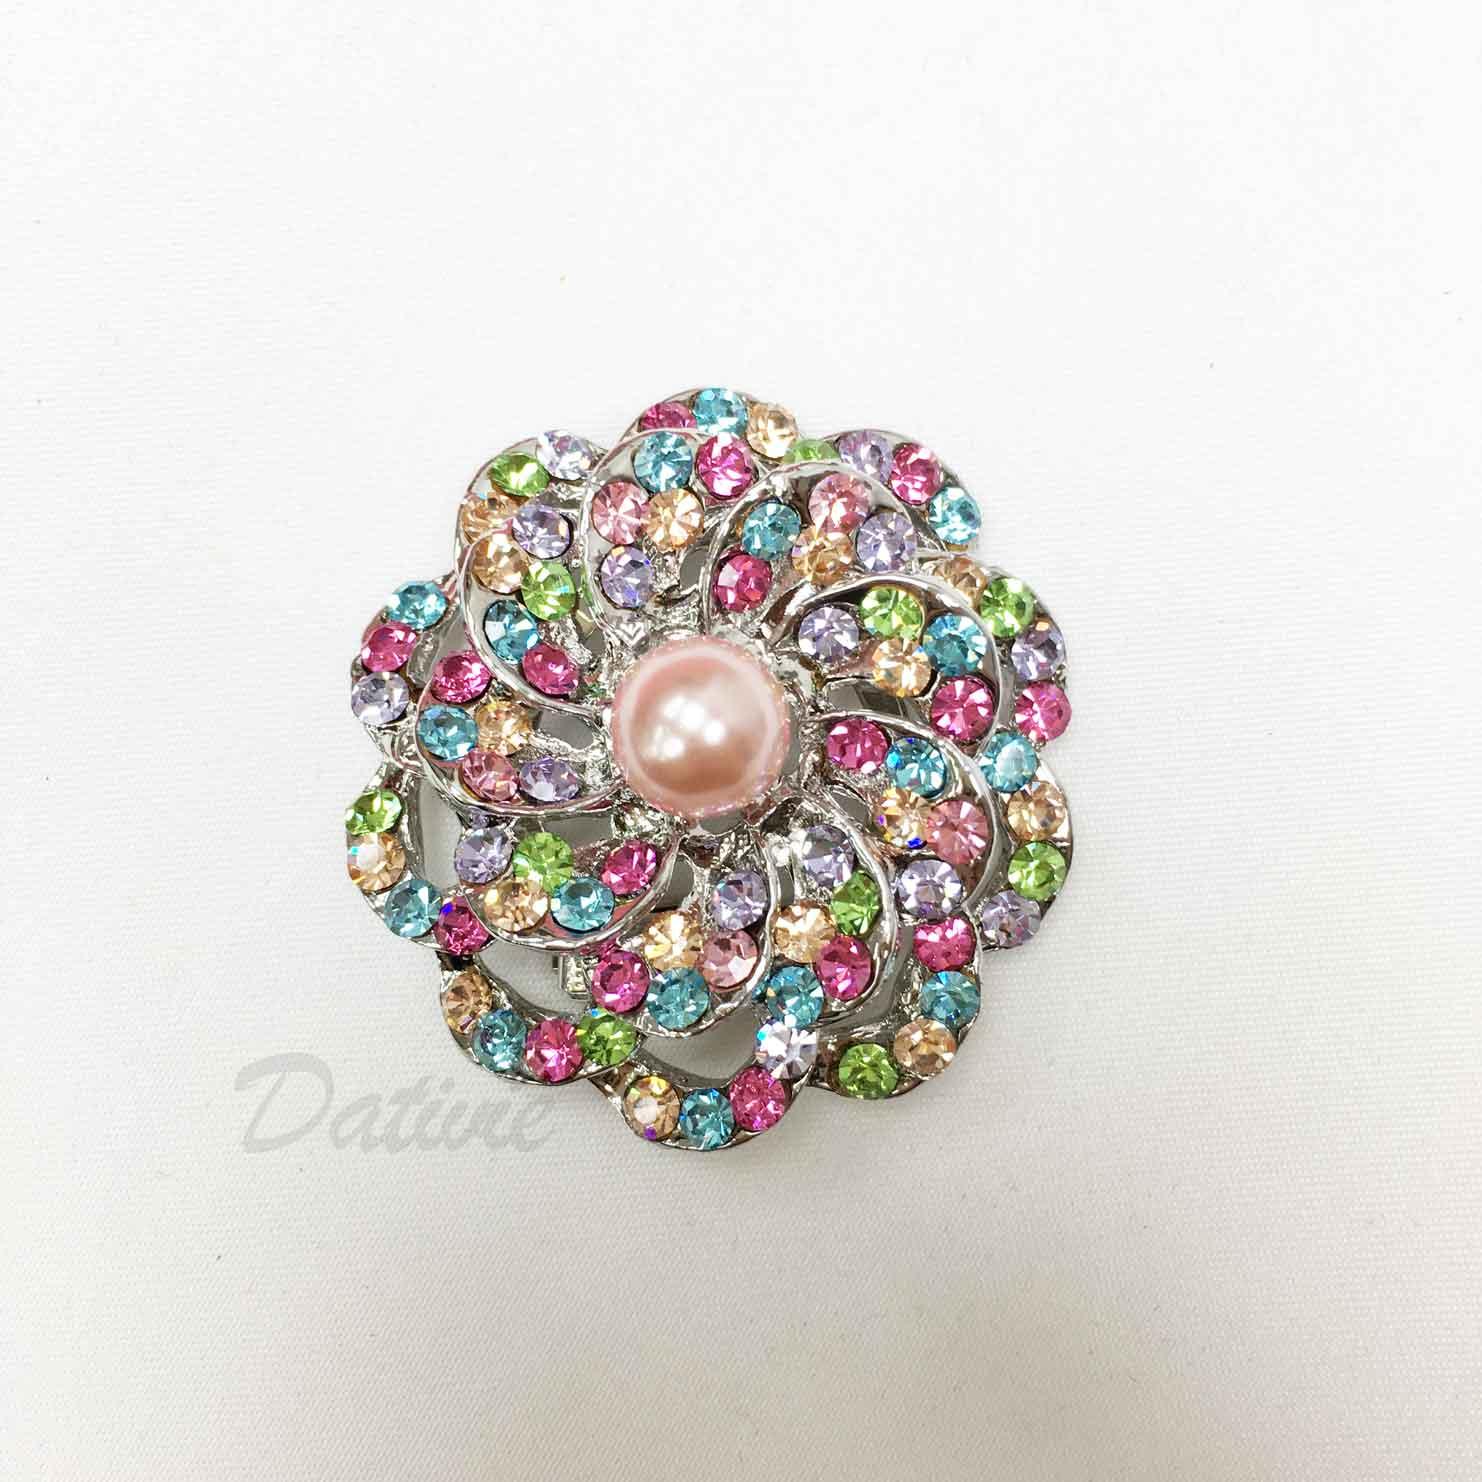 花朵 圓形 花花 彩色水鑽 珍珠 絲巾夾 領巾夾